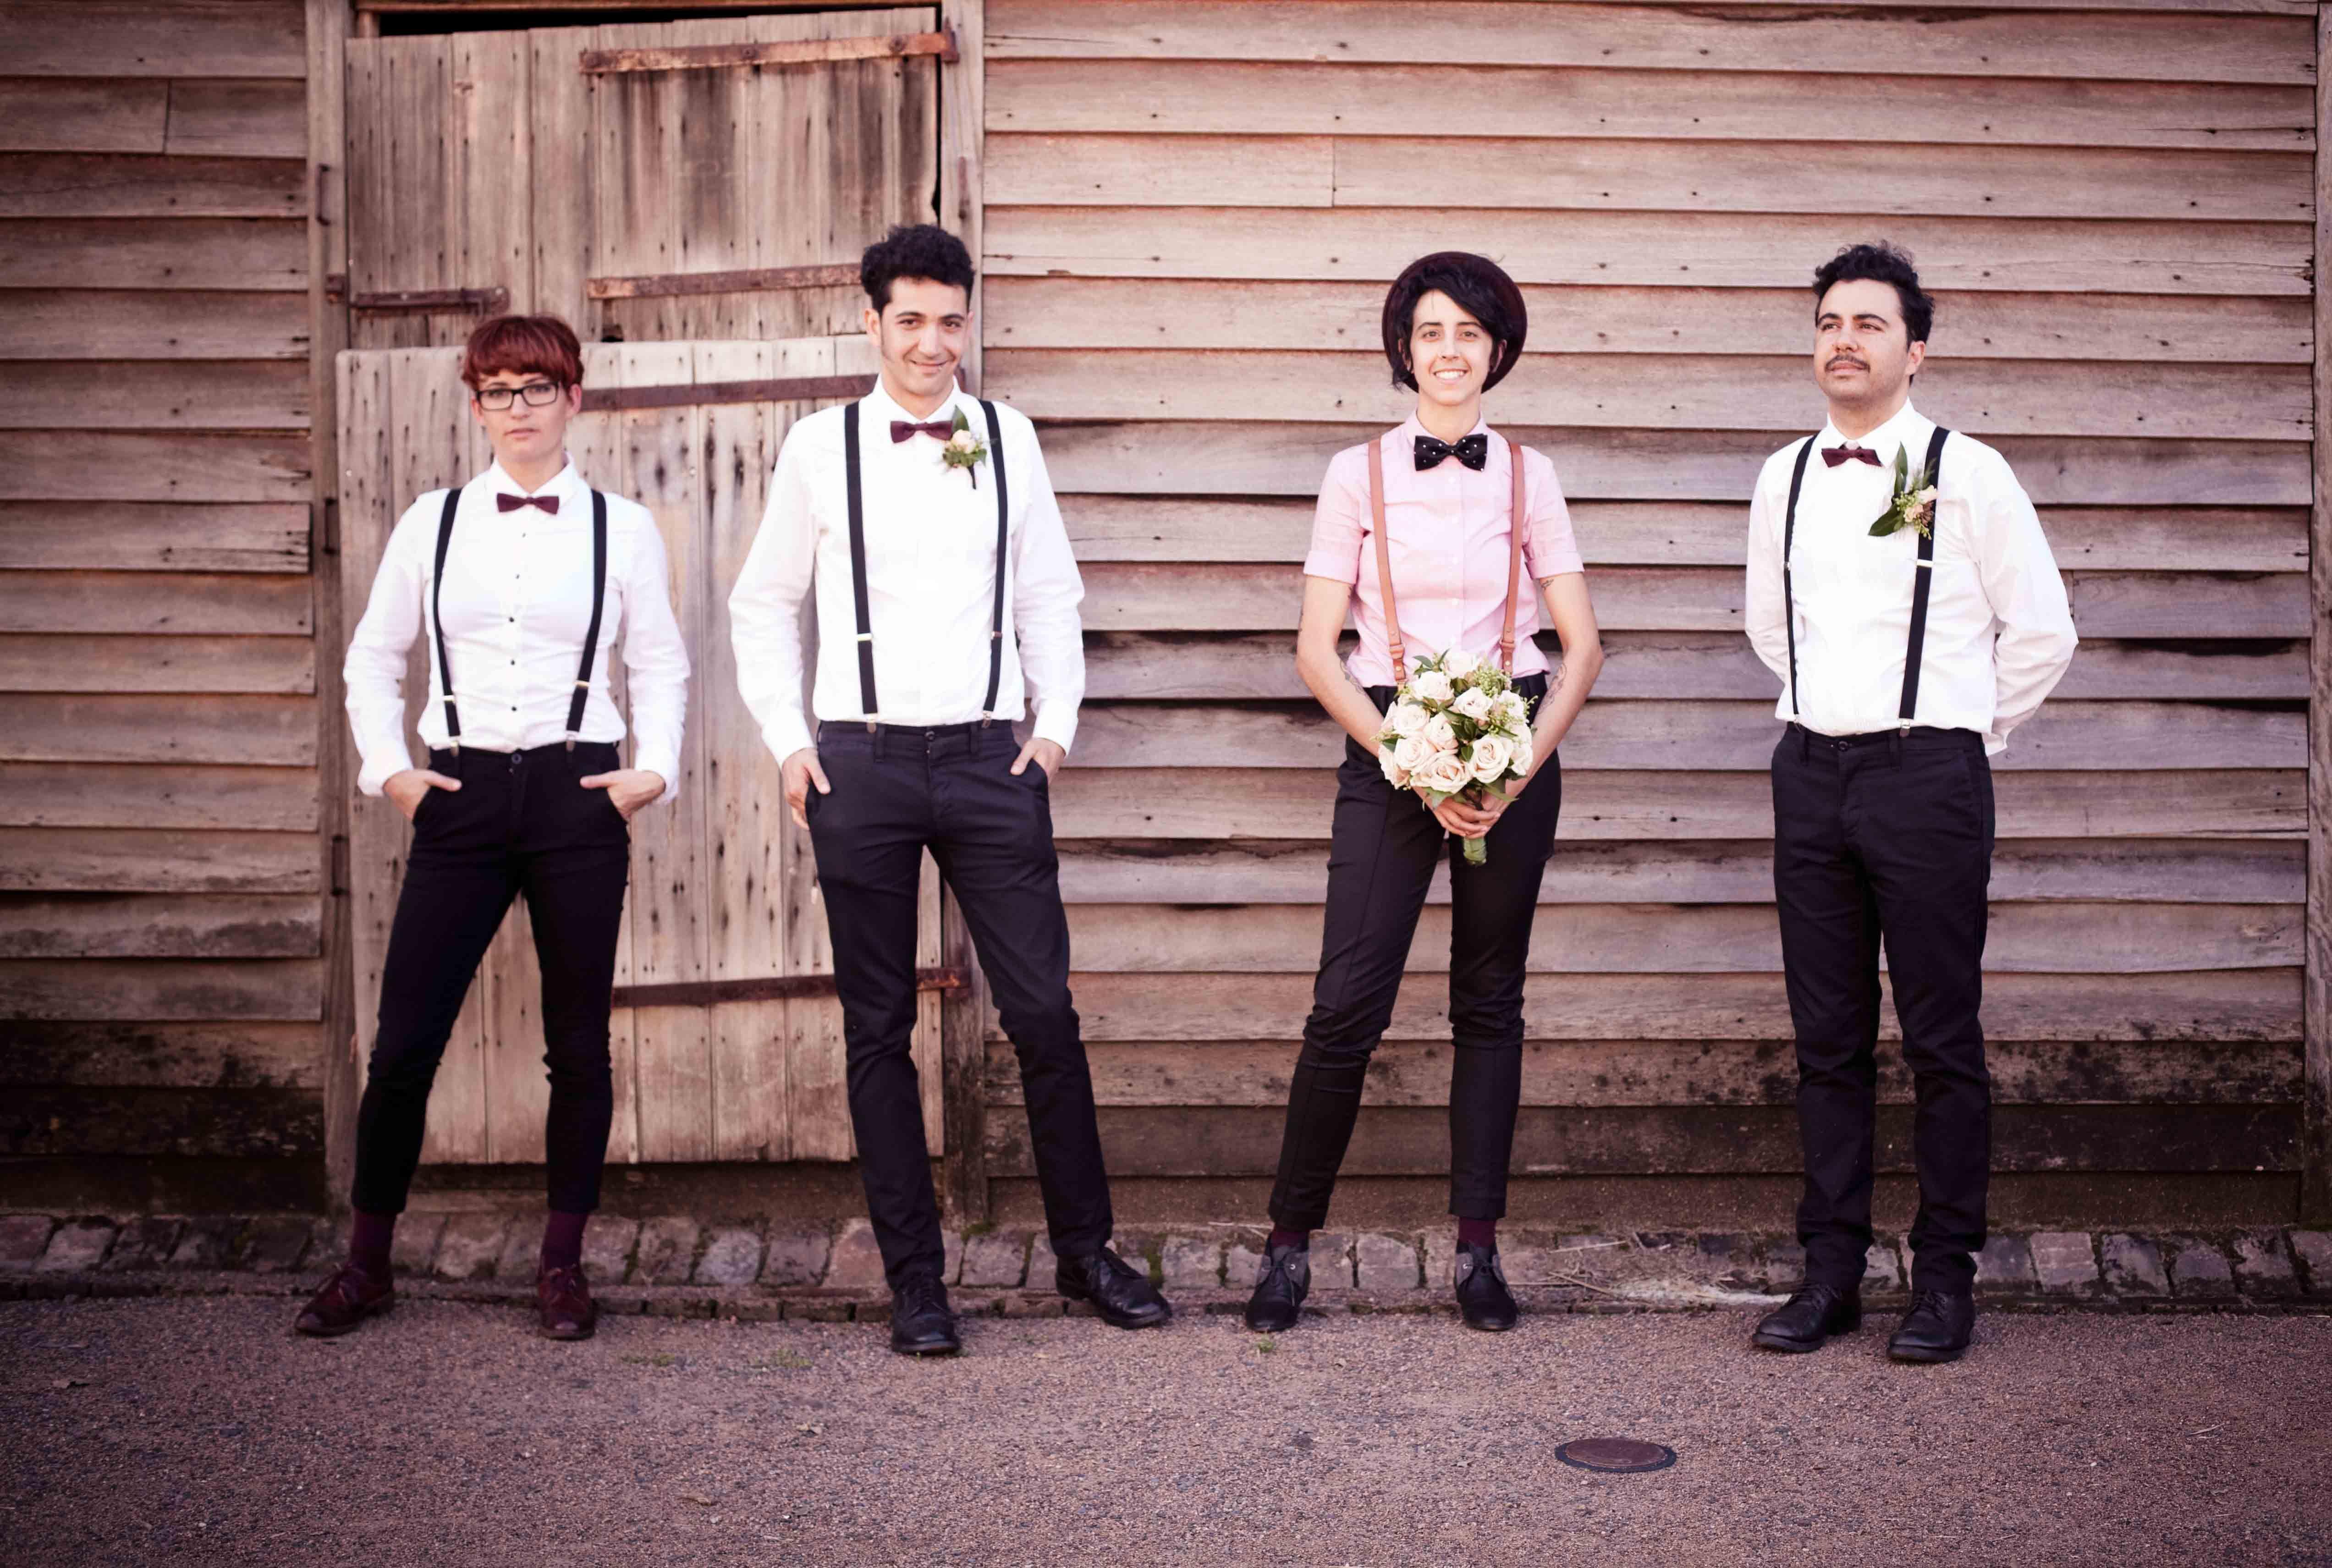 lesbian wedding ideas Casual wedding attire idea for M